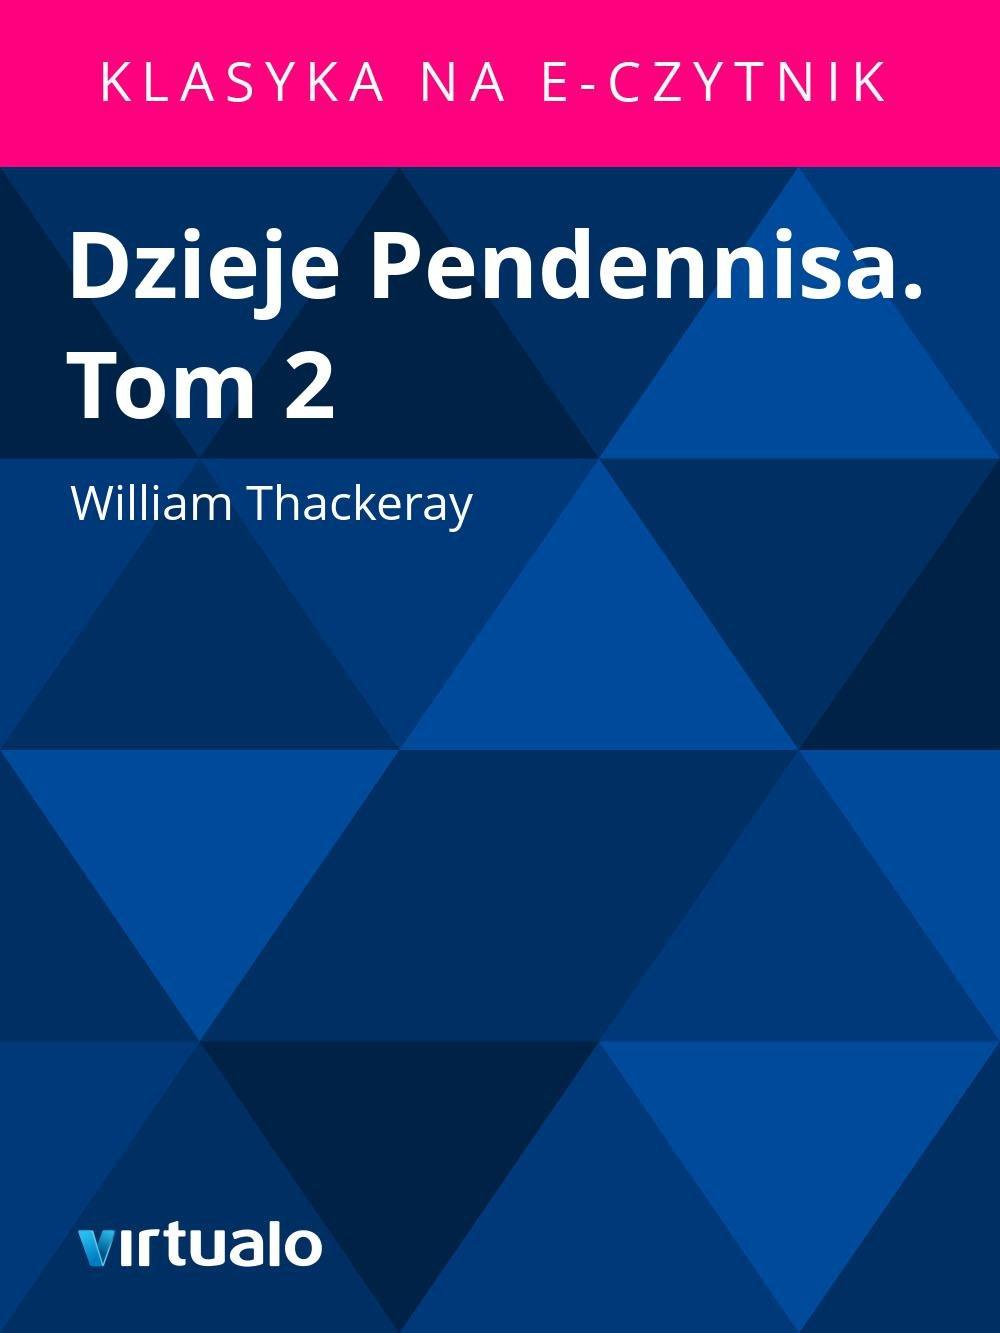 Dzieje Pendennisa. Tom 2 - Ebook (Książka EPUB) do pobrania w formacie EPUB